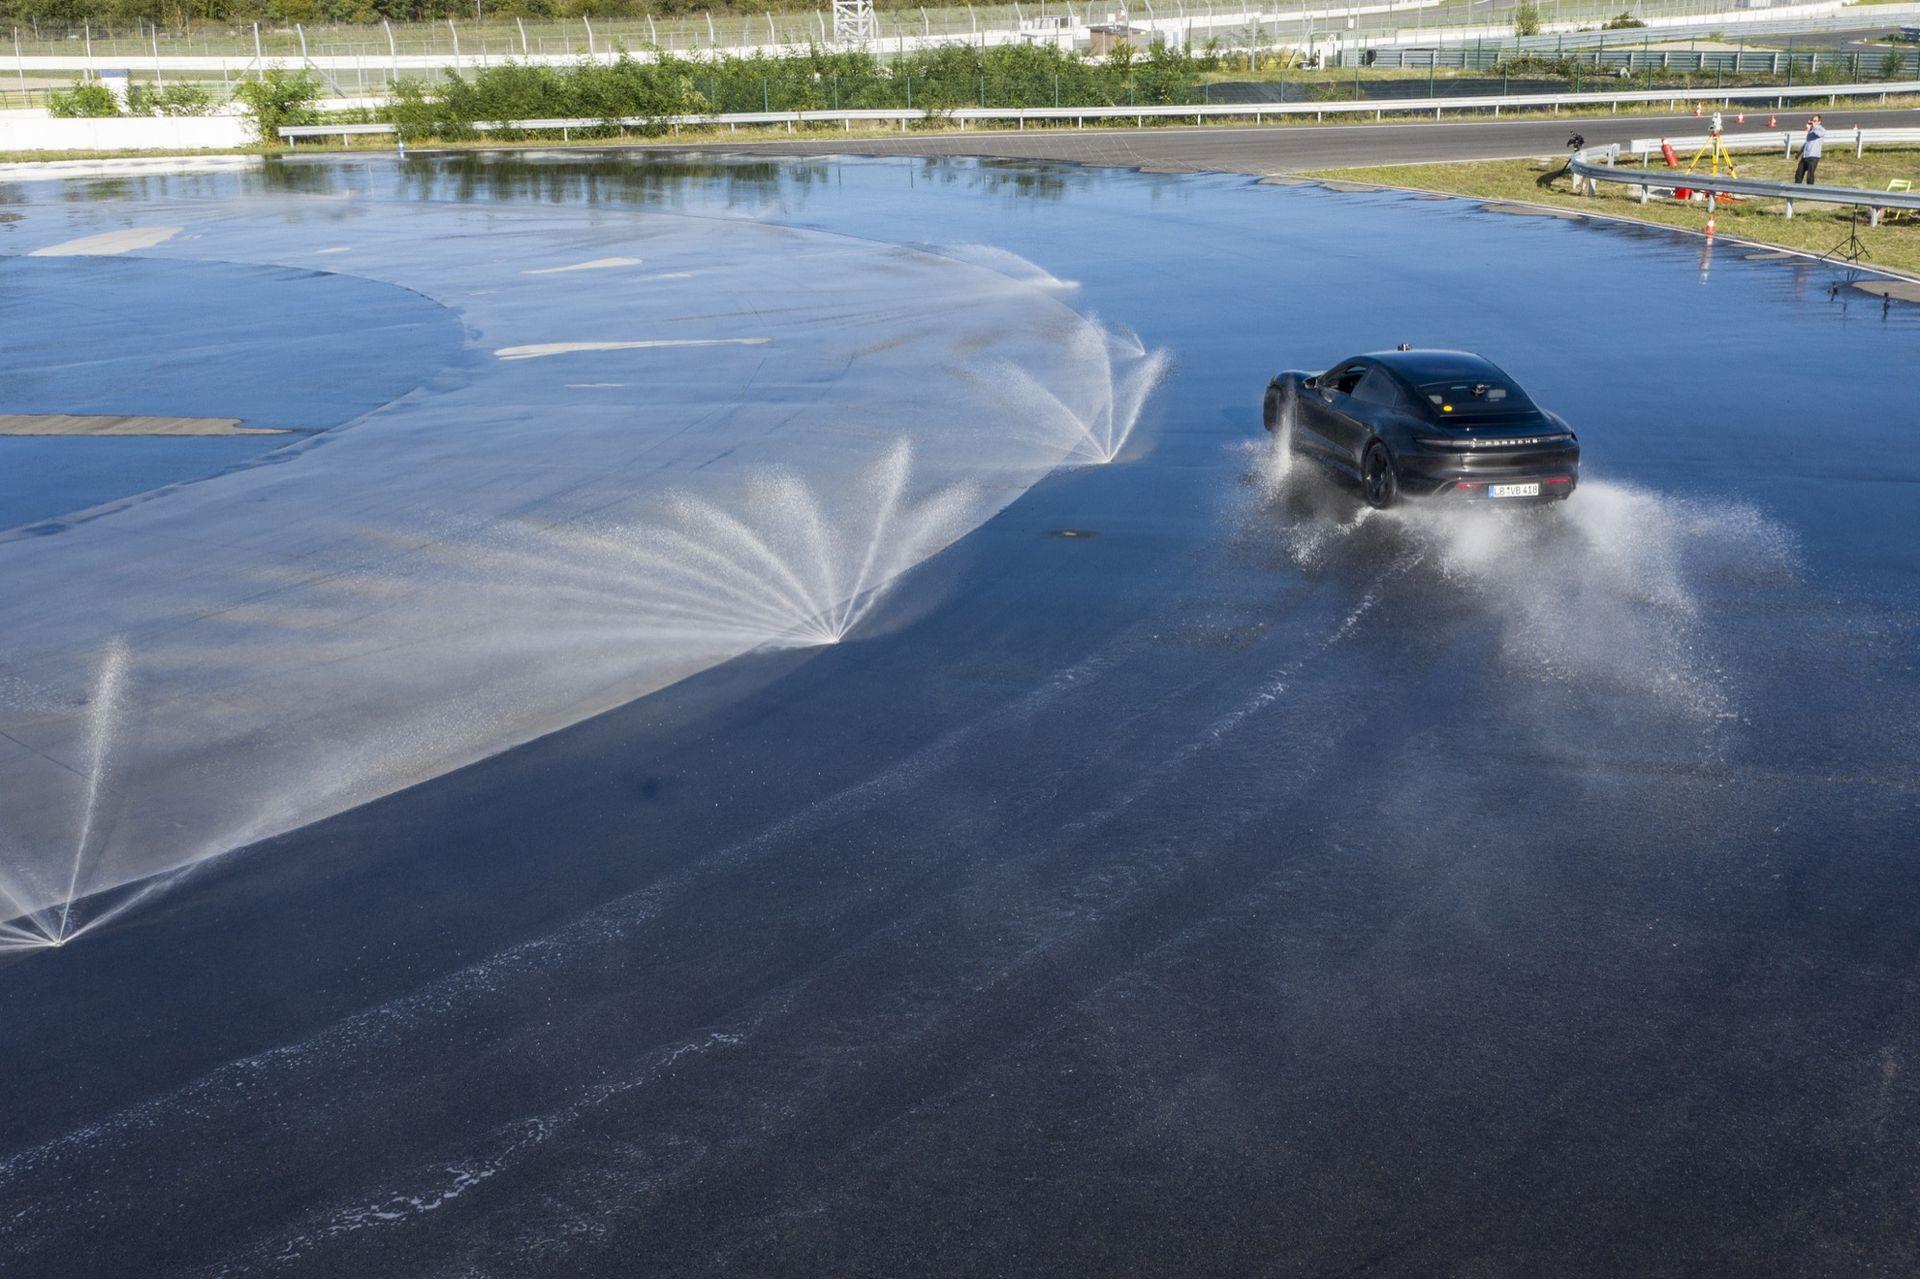 Porsche sladdar in ett nytt världsrekord